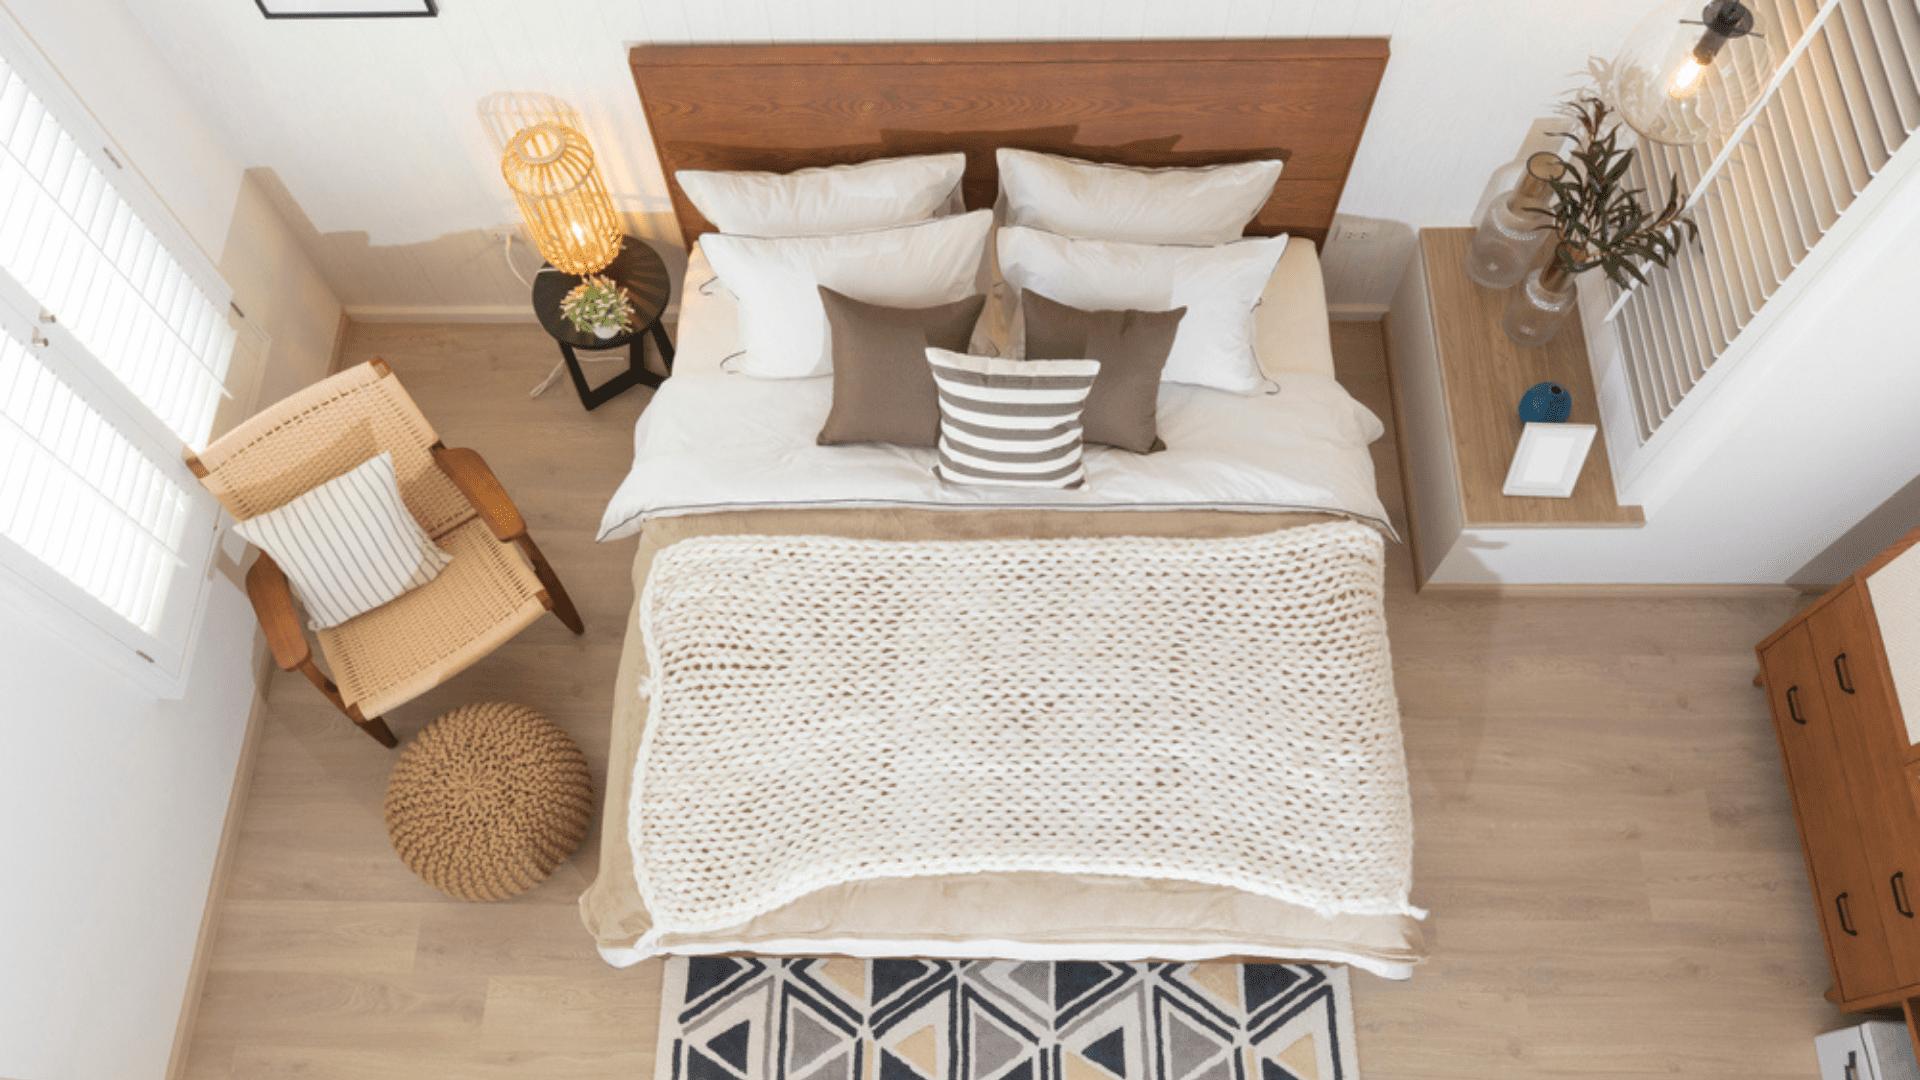 Veja as nossas dicas sobre como decorar um quarto pequeno! (Imagem: Reprodução/Shutterstock)